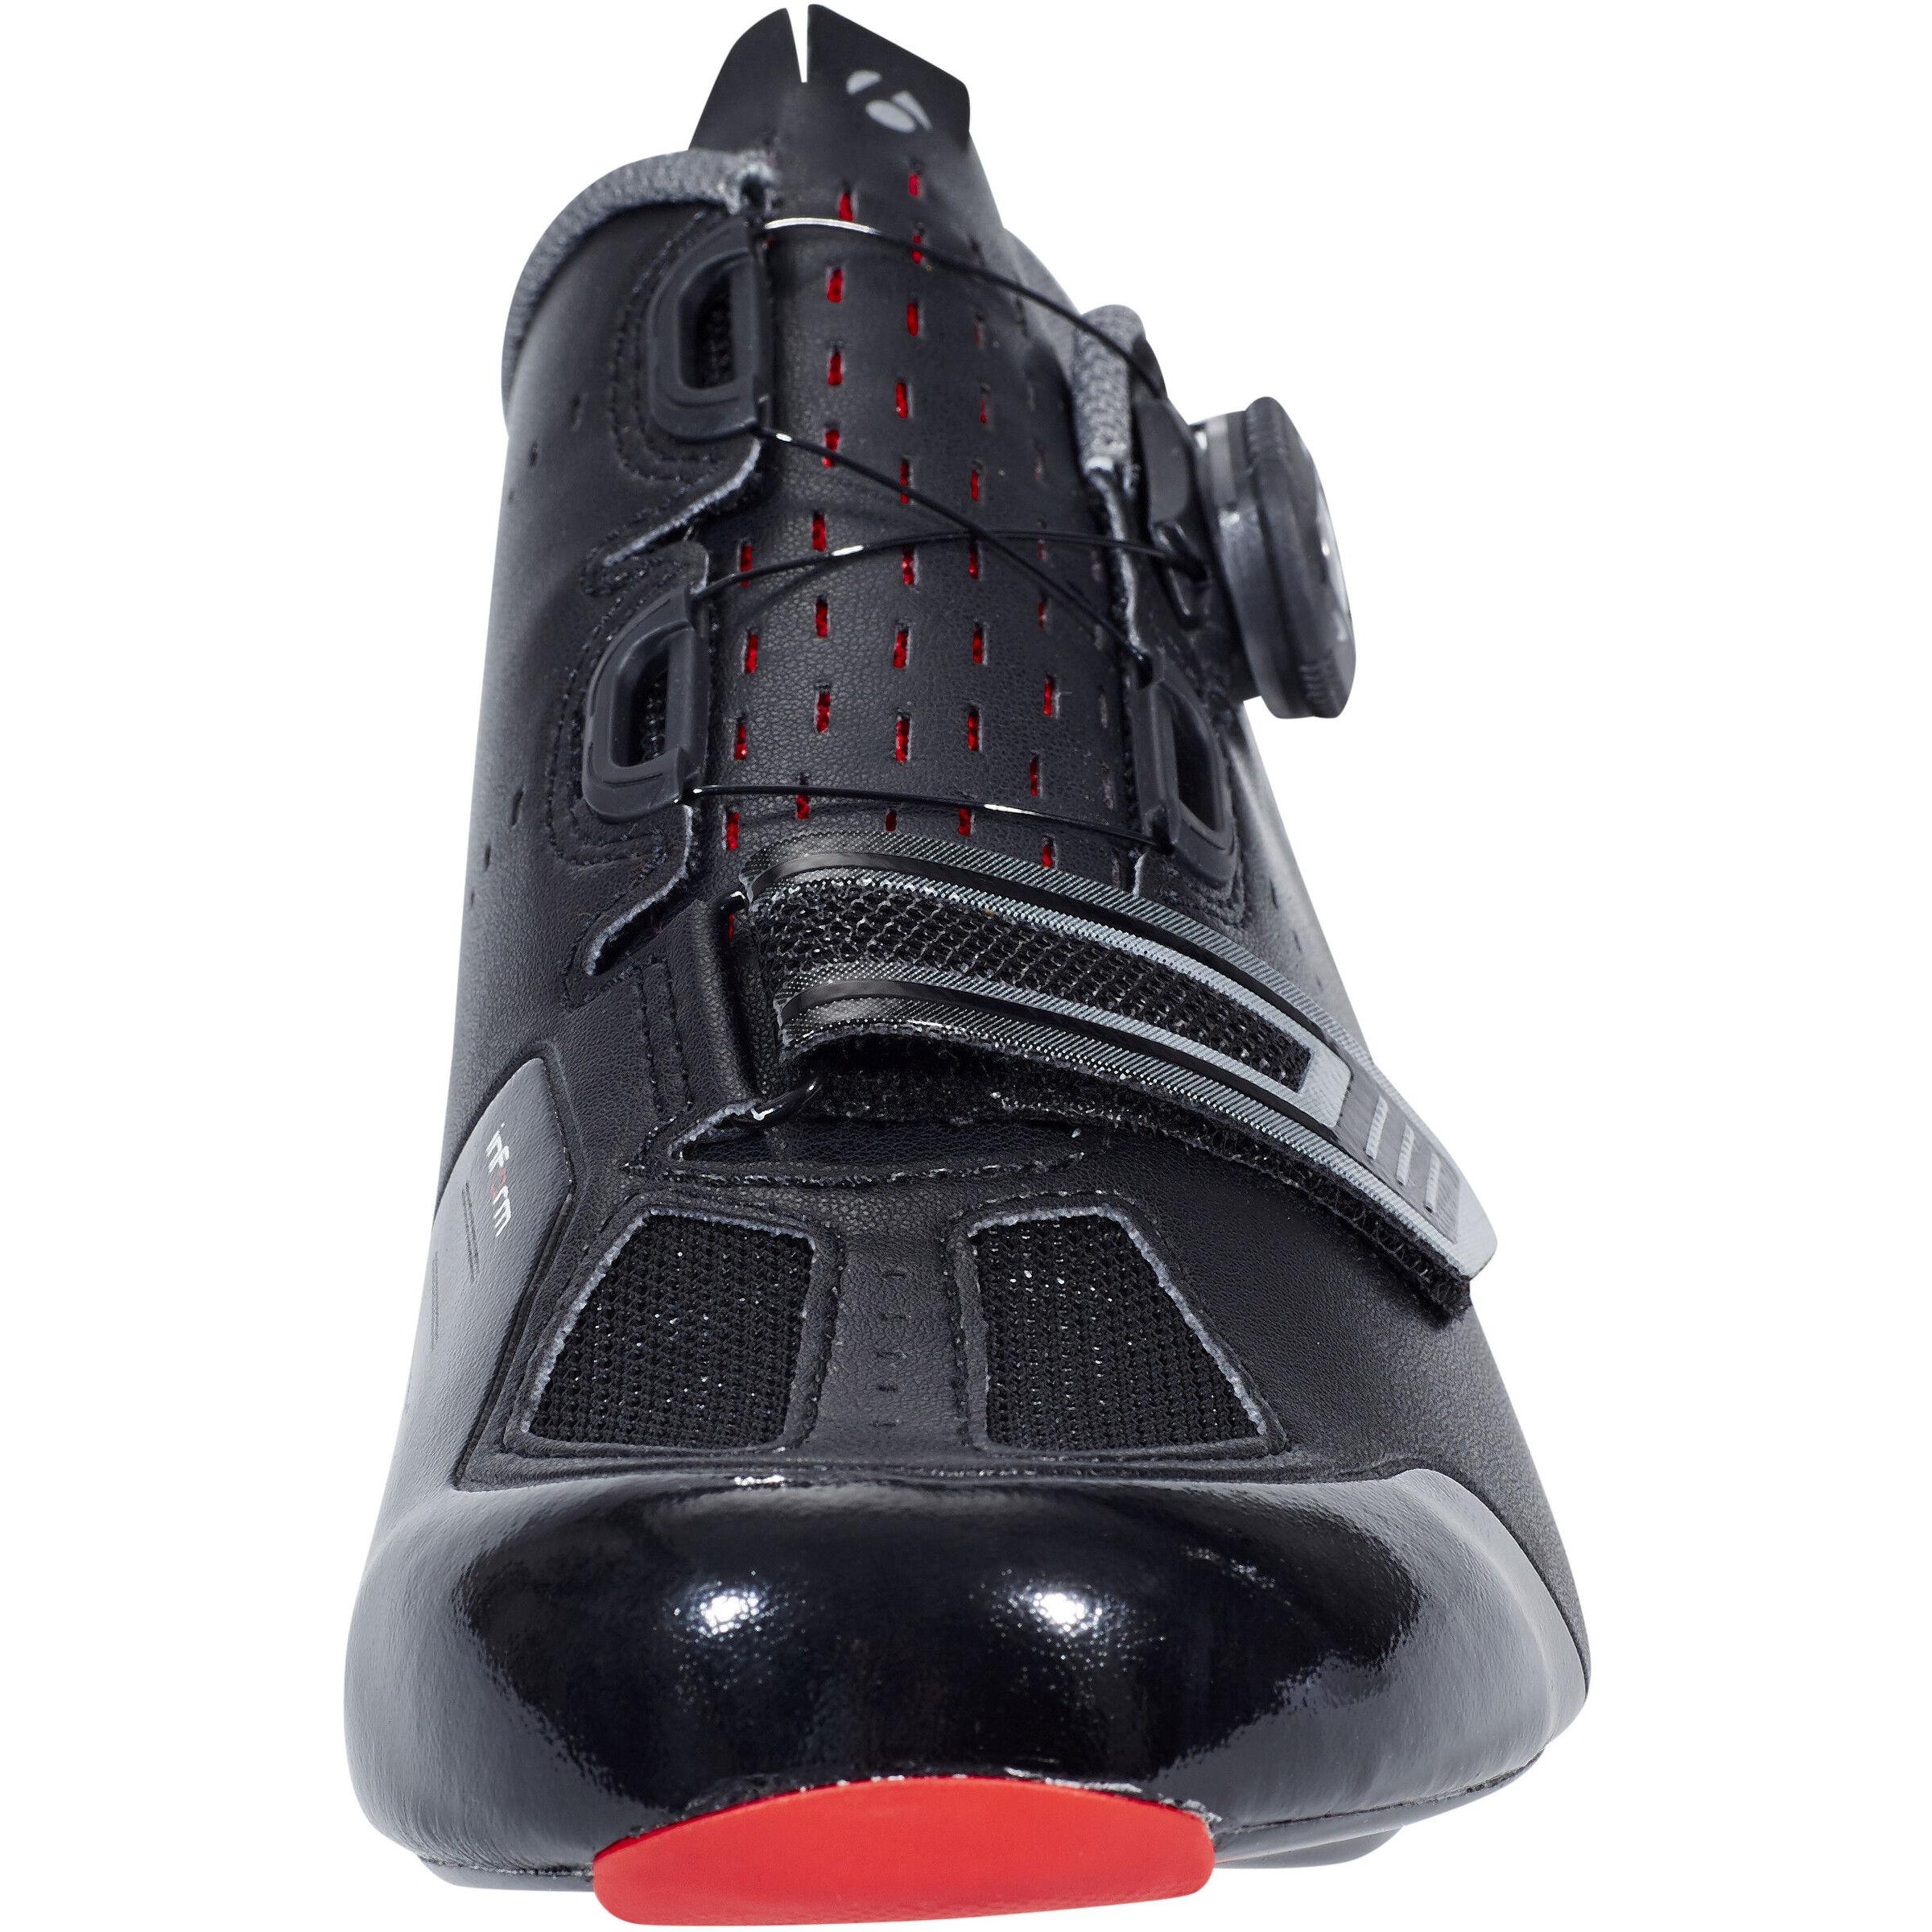 Schuhe Drehverschluss Er Puma 90 Xzpuki sdtCQrxBh